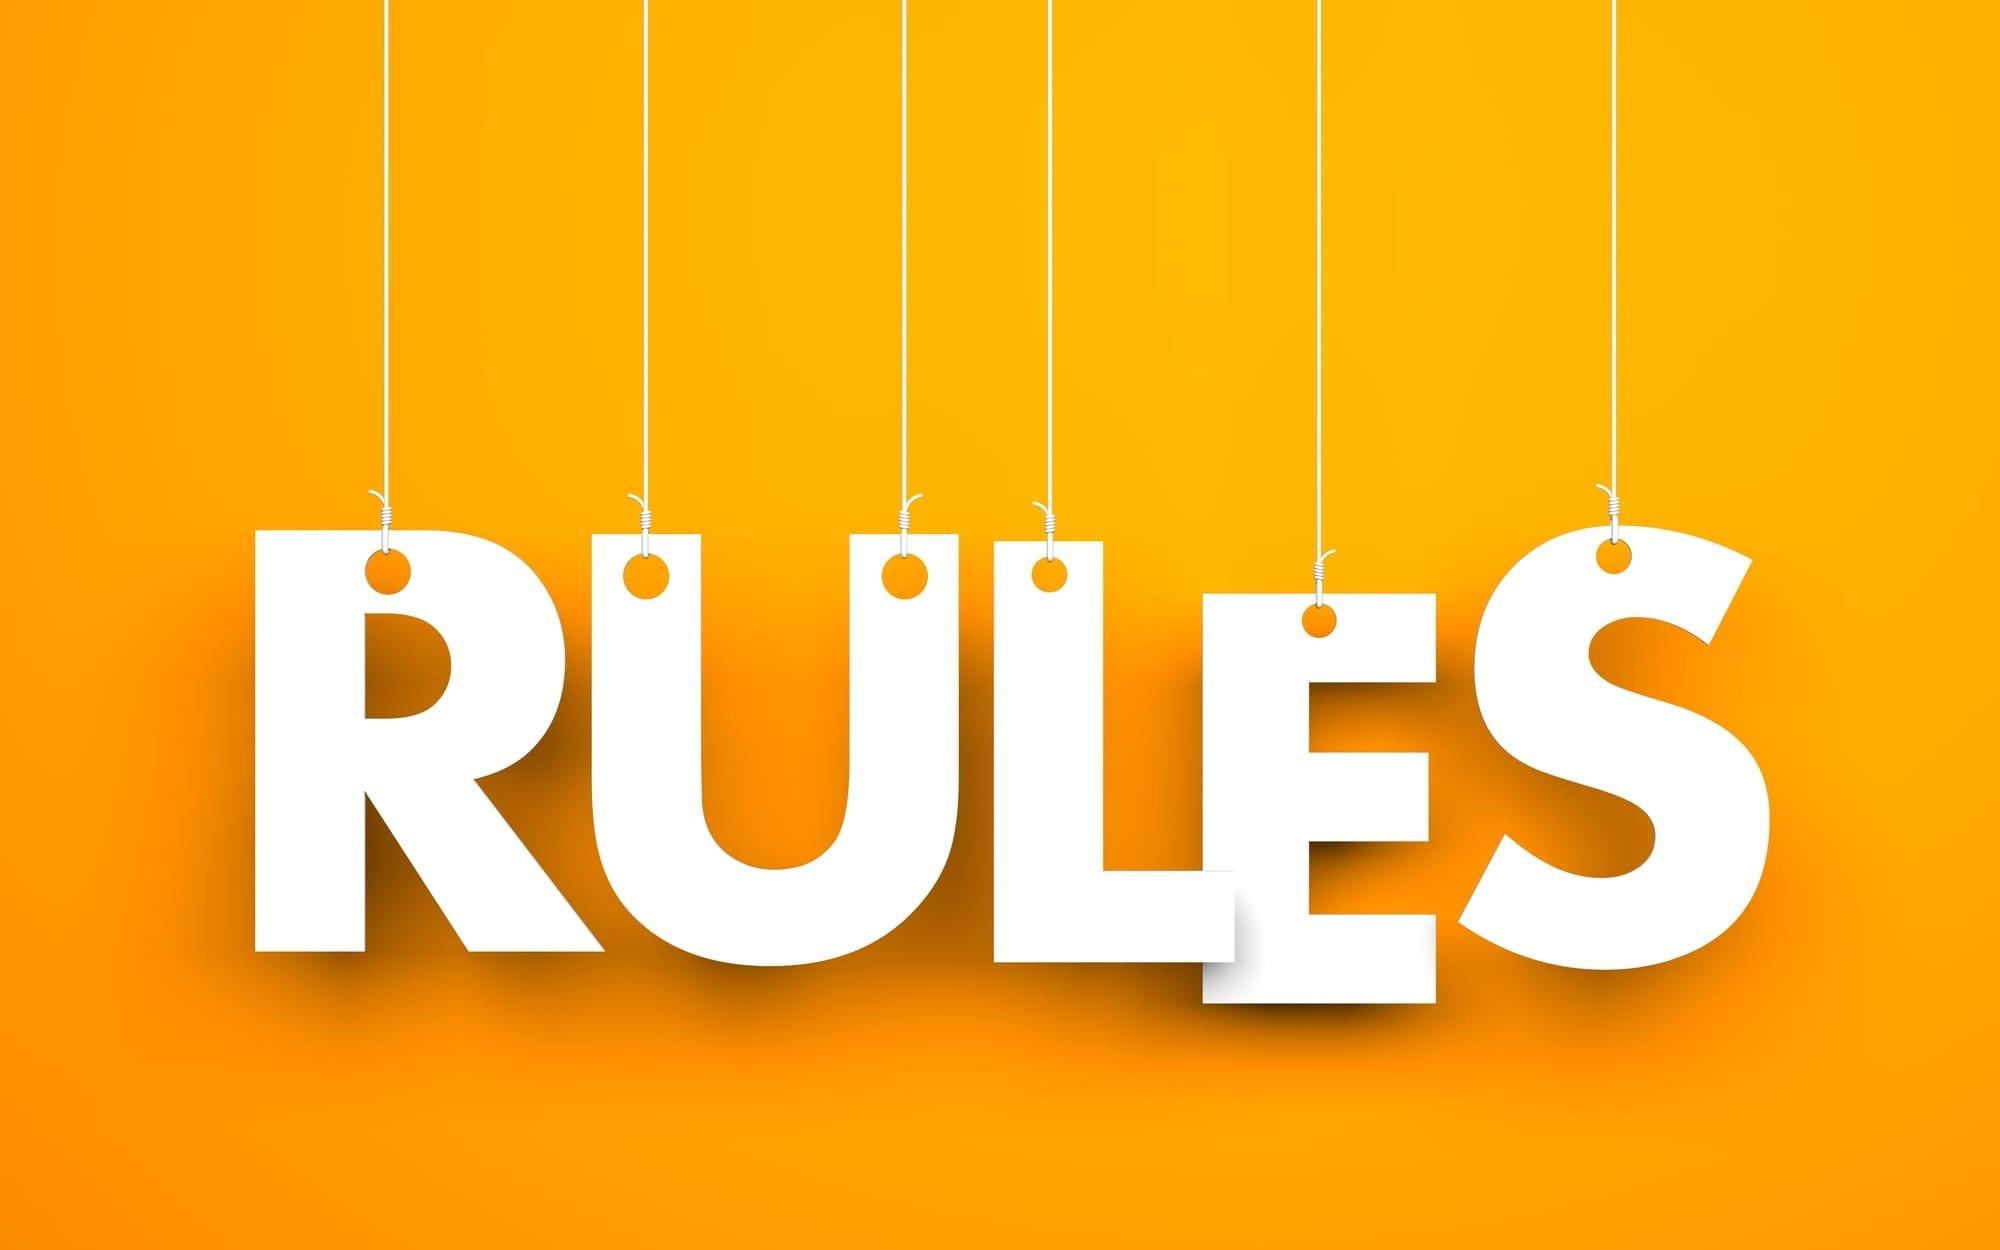 Florida probate rules amendments